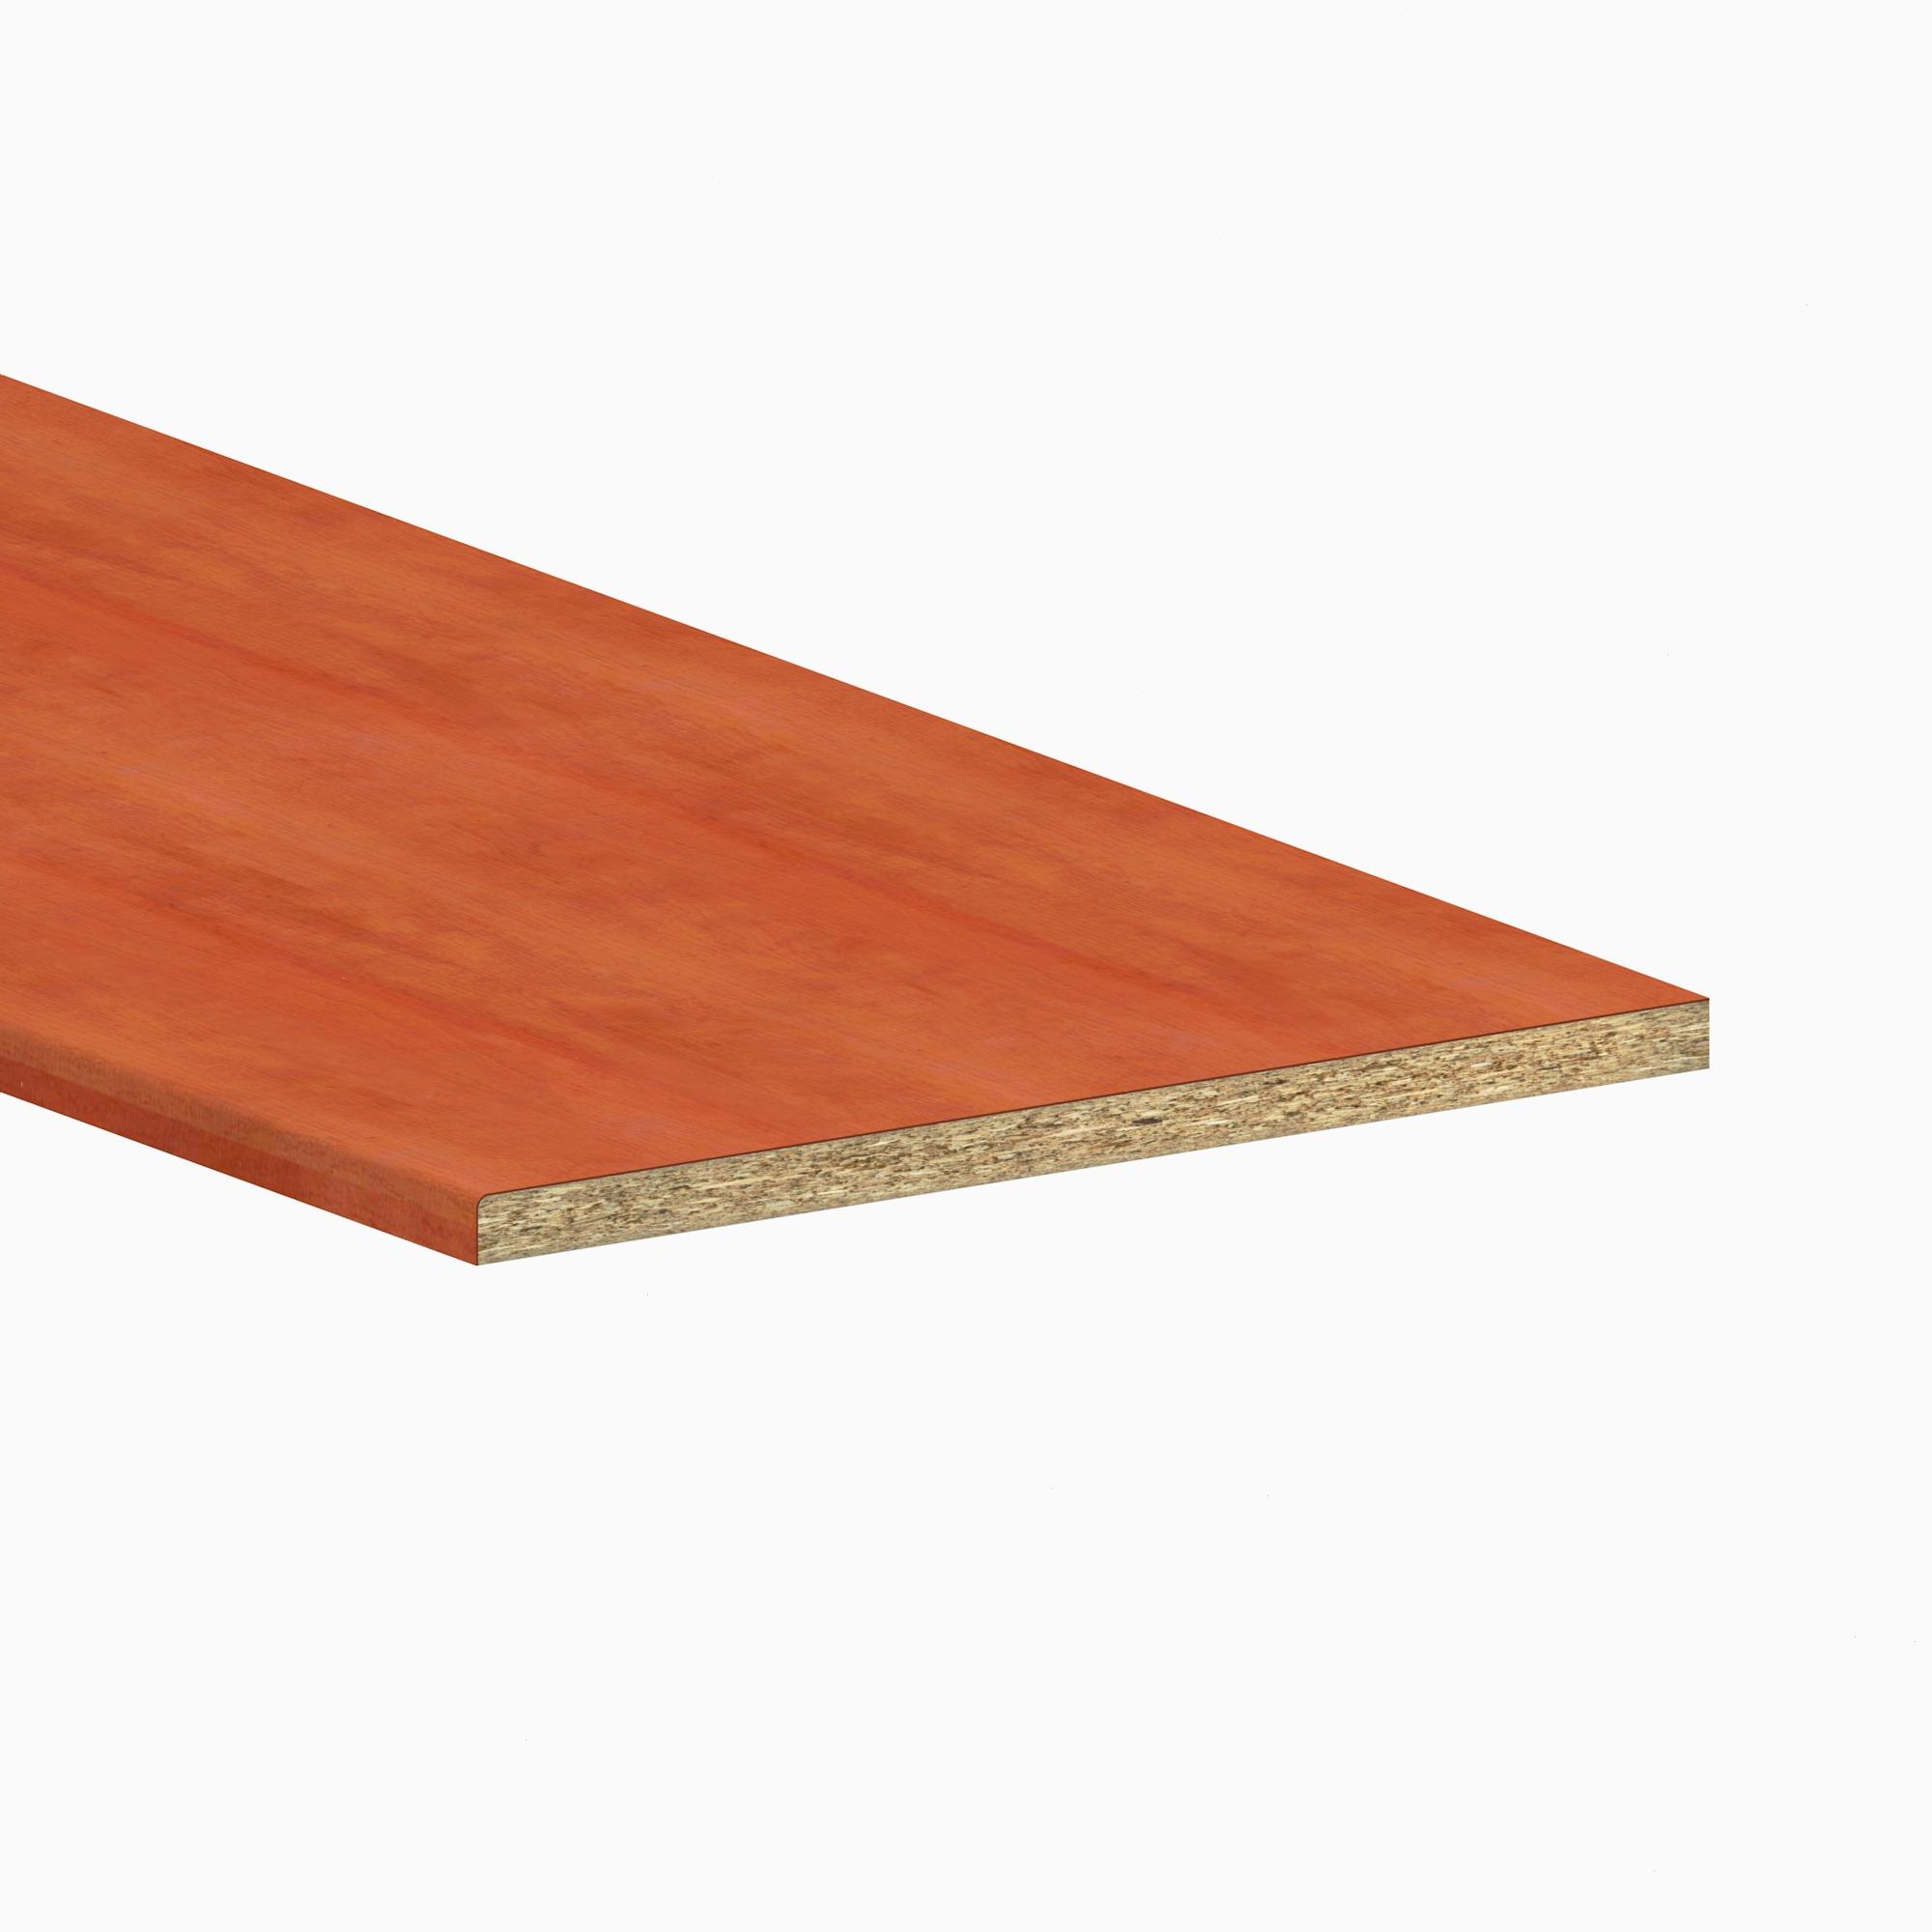 GAMMA werkblad AS 5410 TR cognac 2650x600x28 mm